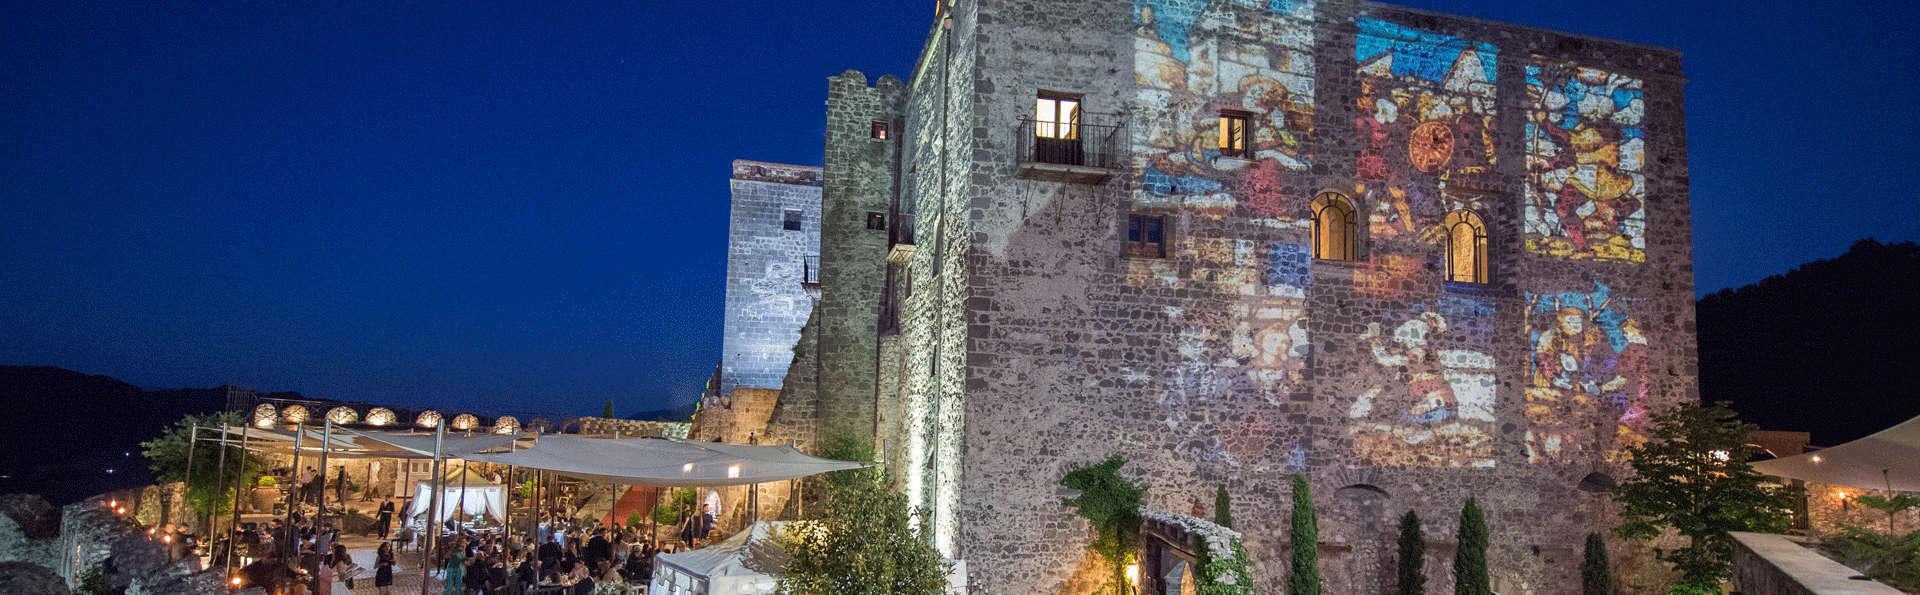 Notte magica con bottiglia in camera nel cuore verde della Campania(da 2 notti)